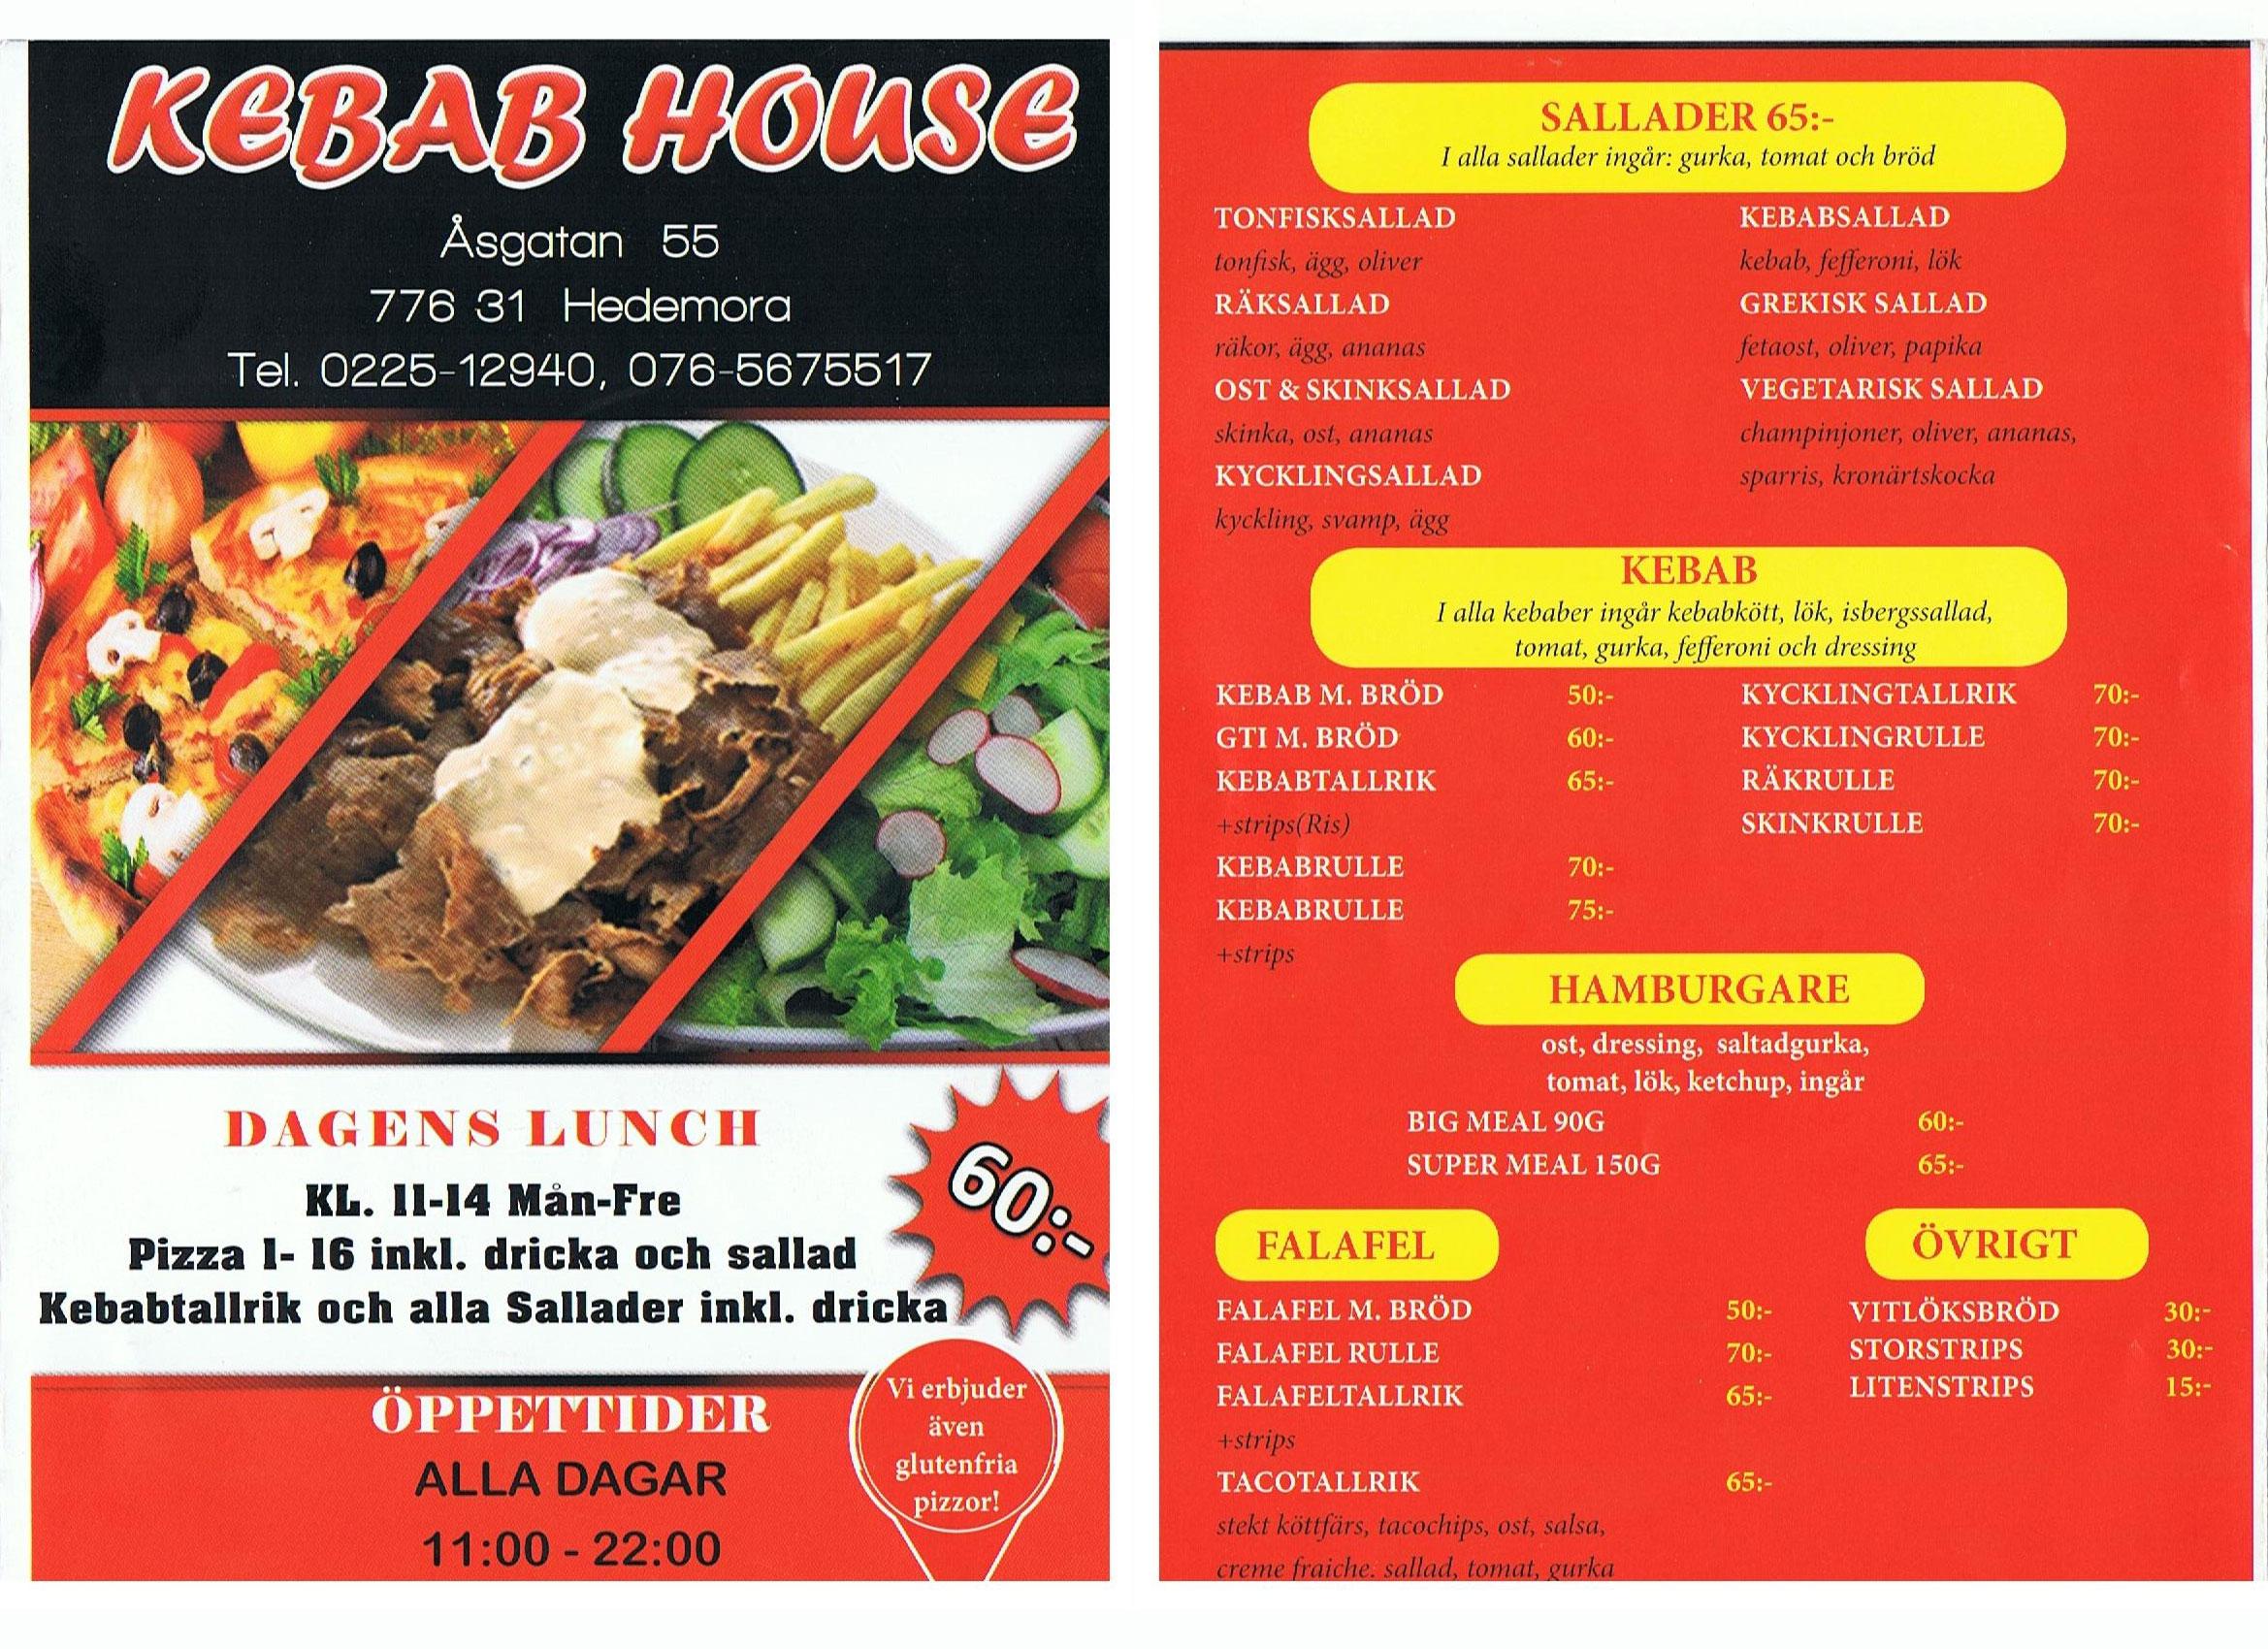 kebabhouse-hedemora-001